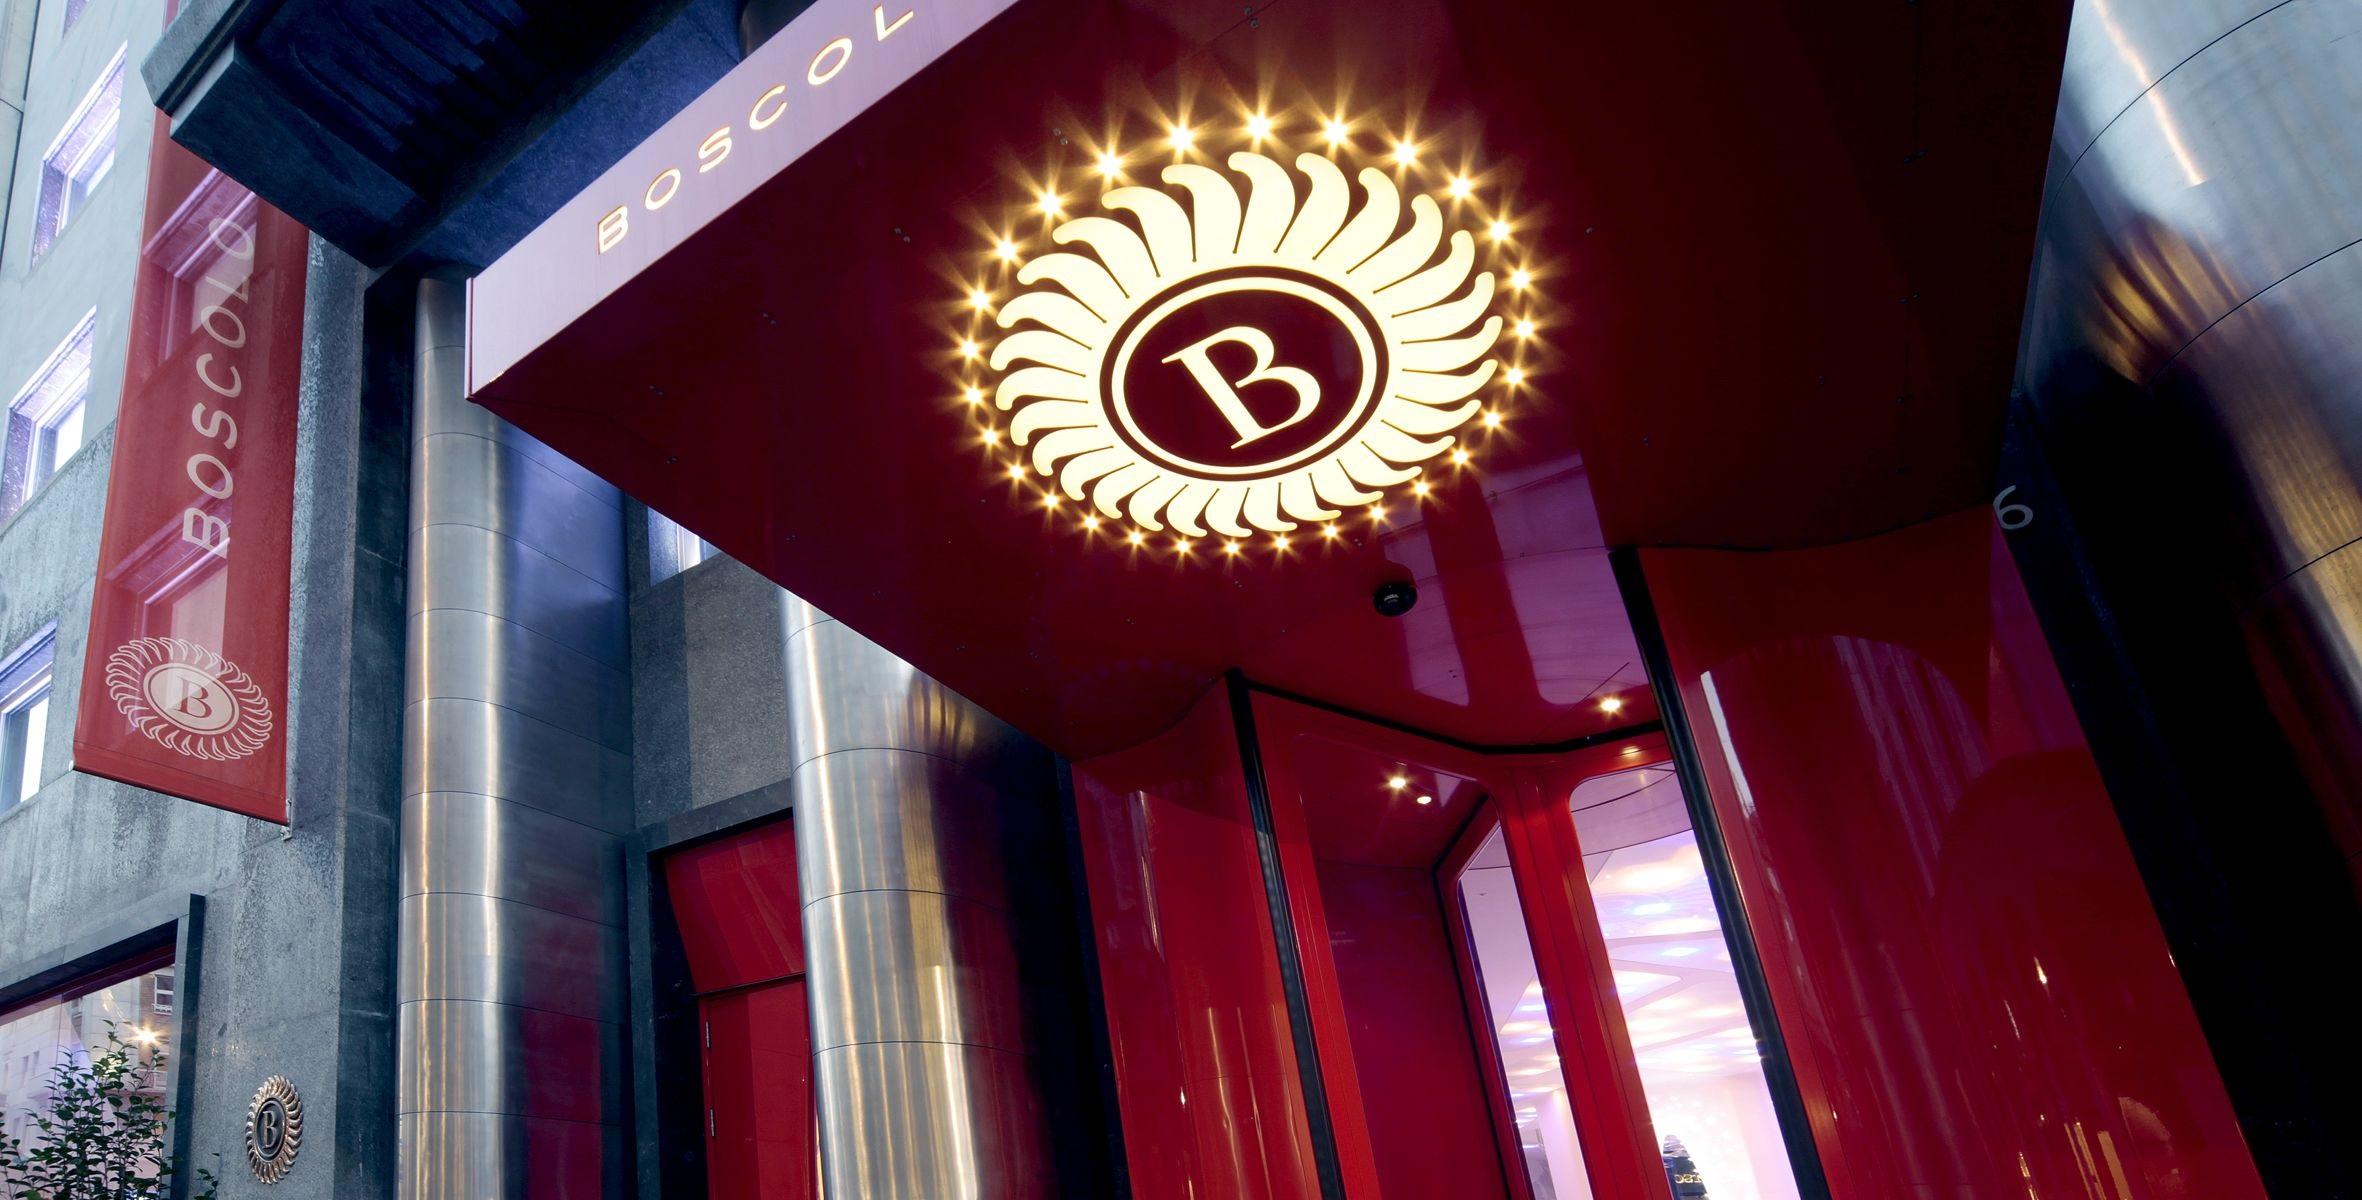 Boscolo – Hotel cinque stelle si nasce o si diventa?